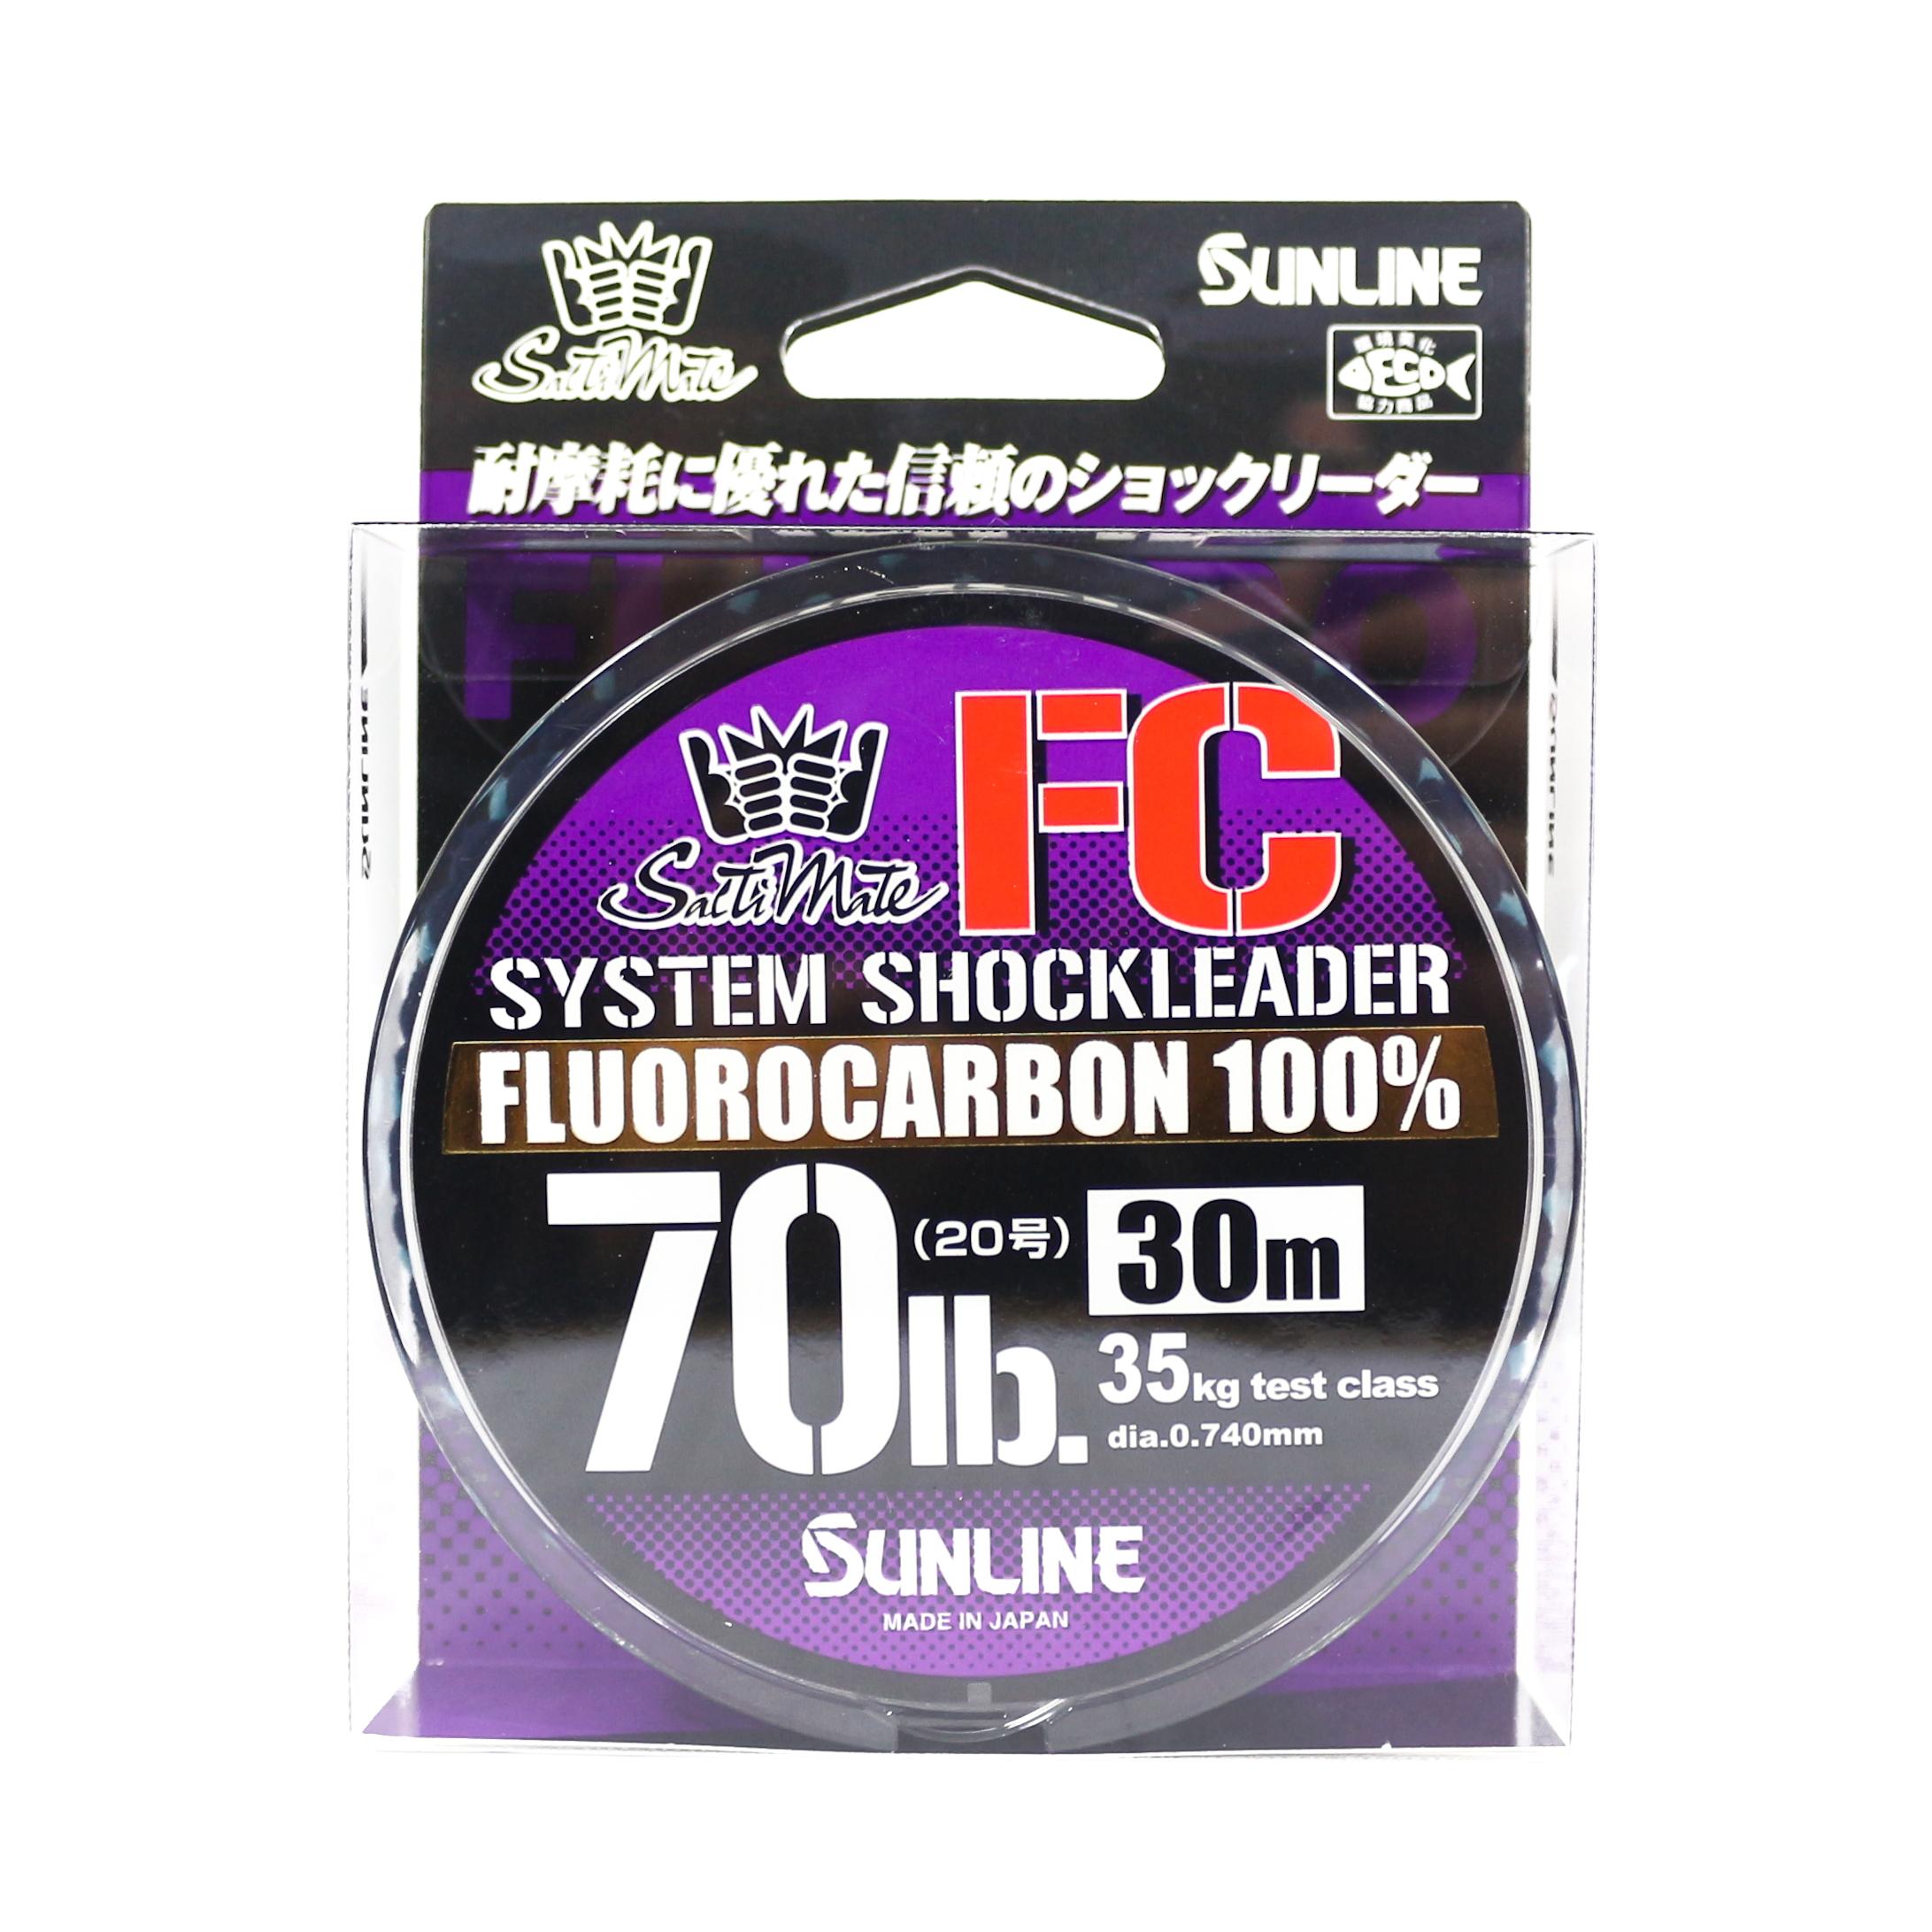 Sunline Saltwater System Shock Leader Fluorocarbon FC 30m 70lb (9239)